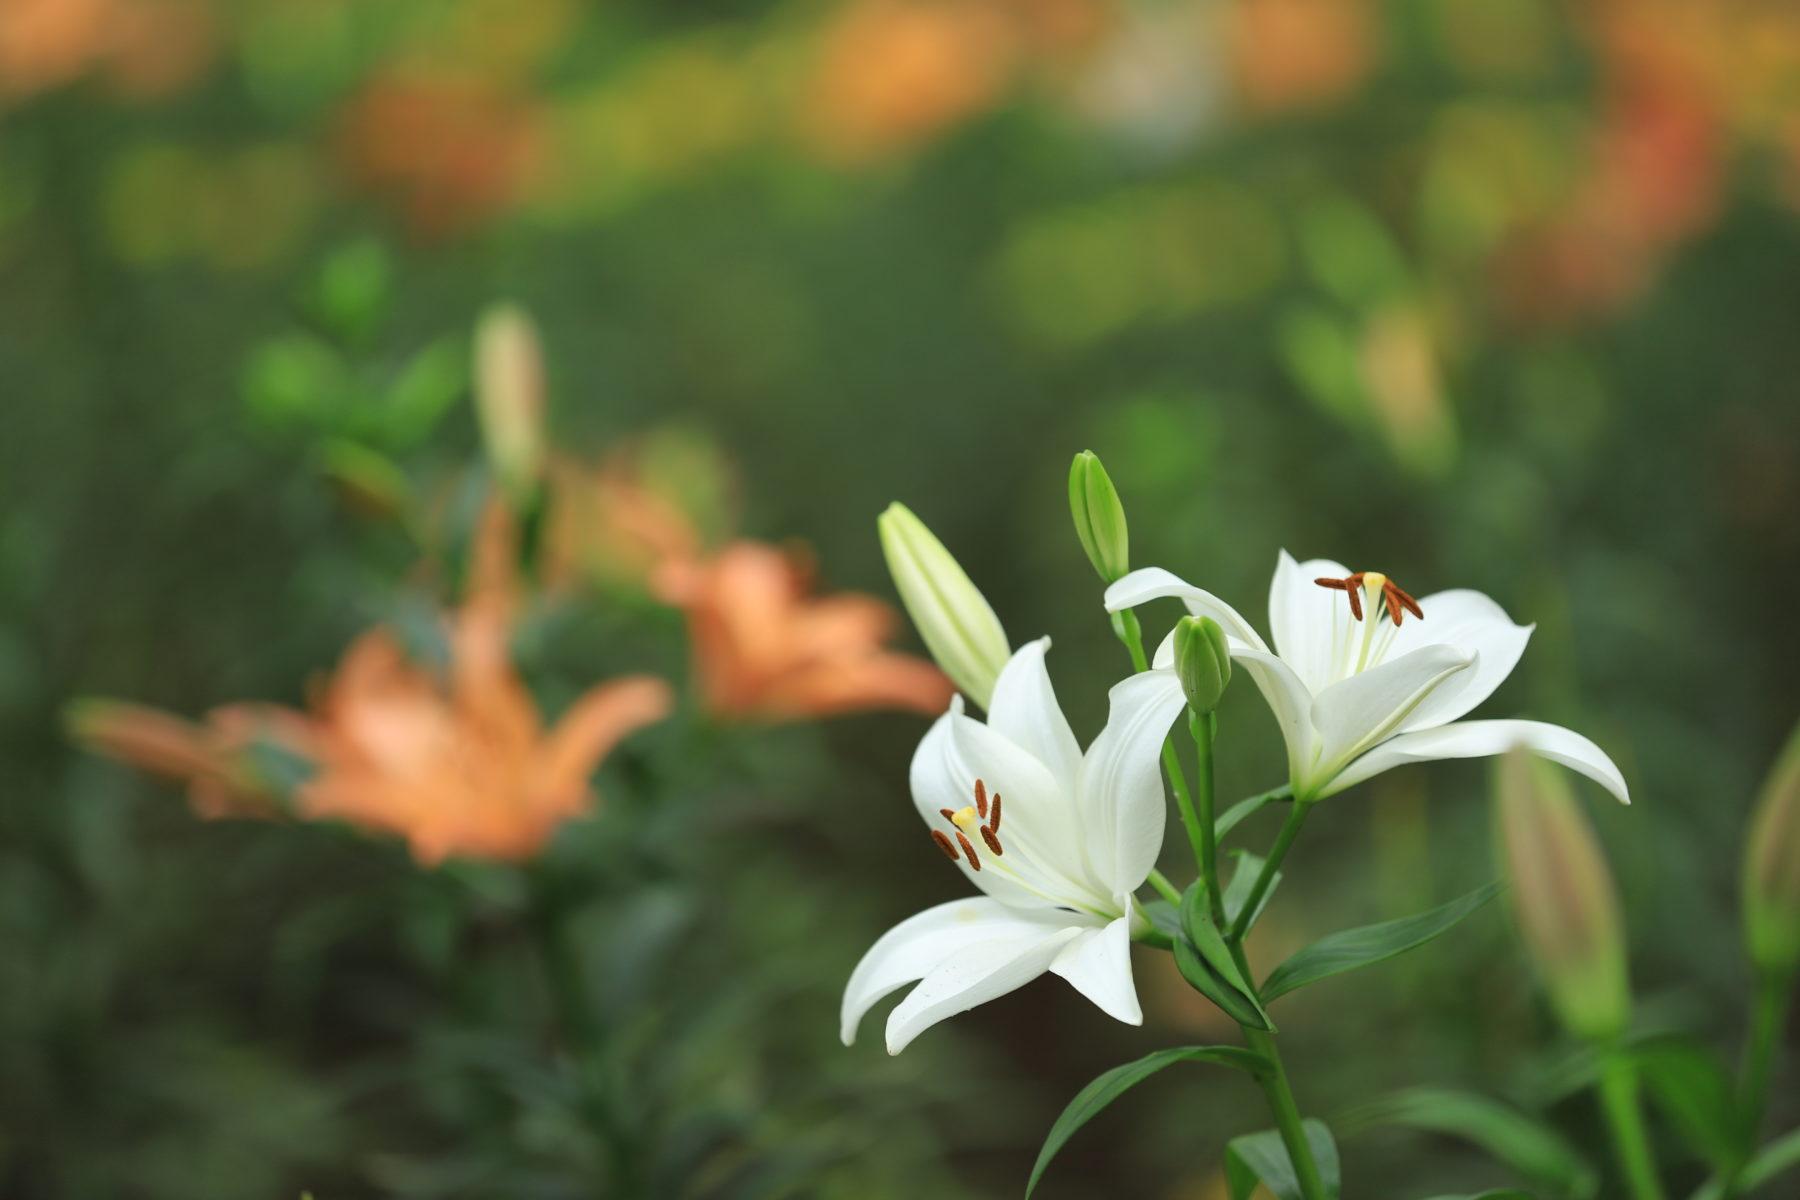 千葉県の撮影・観光スポット『村上緑地公園』はユリの名所